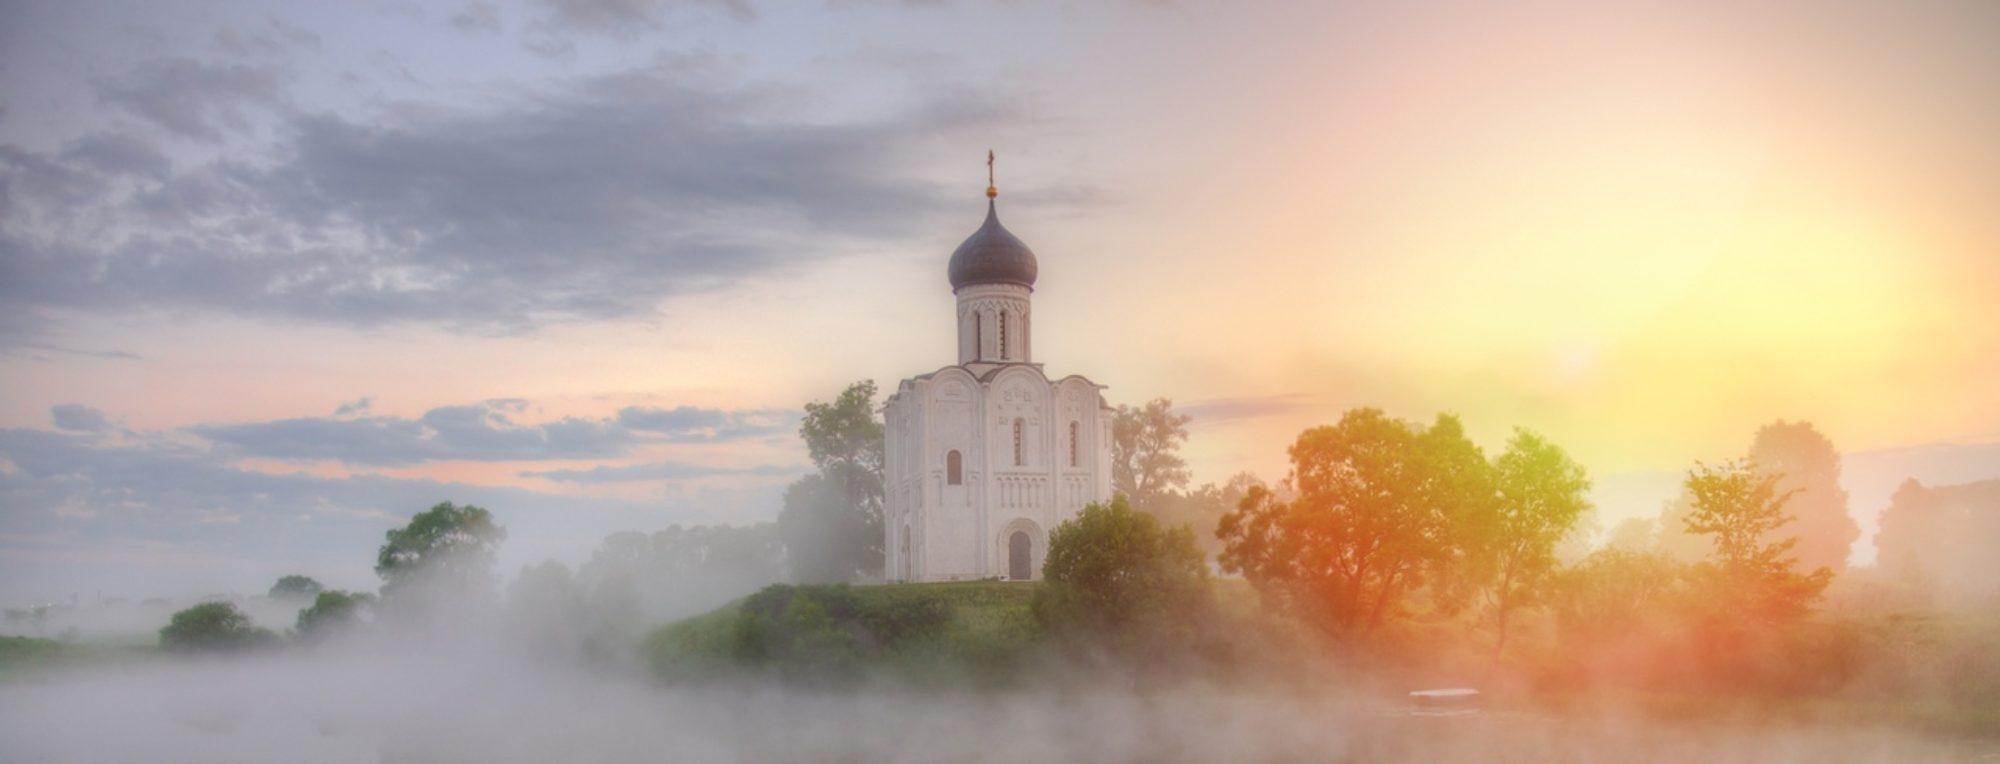 Ишимское хуторское казачье общество